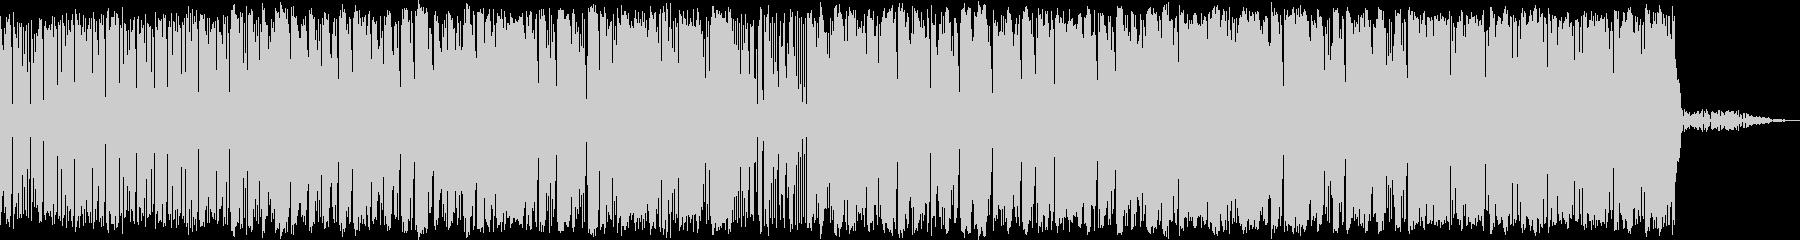 メロウなHIPHOPの未再生の波形